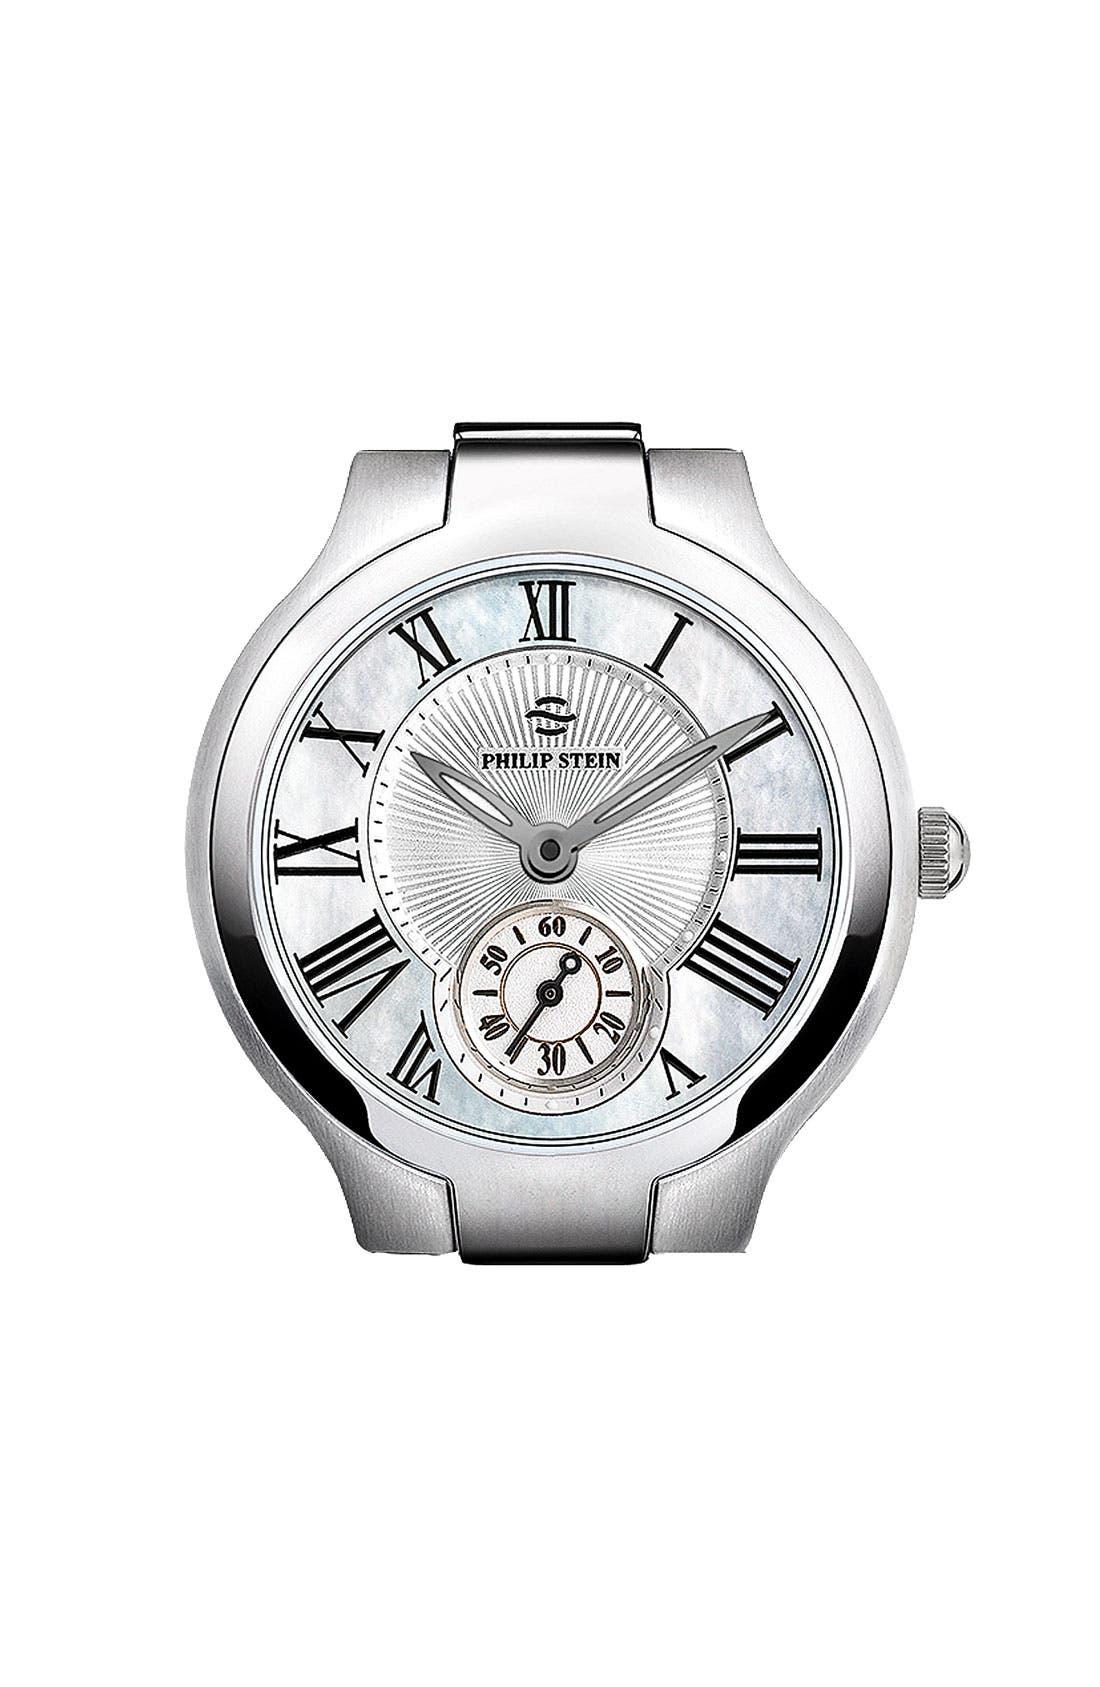 Main Image - Philip Stein® Round Watch Case